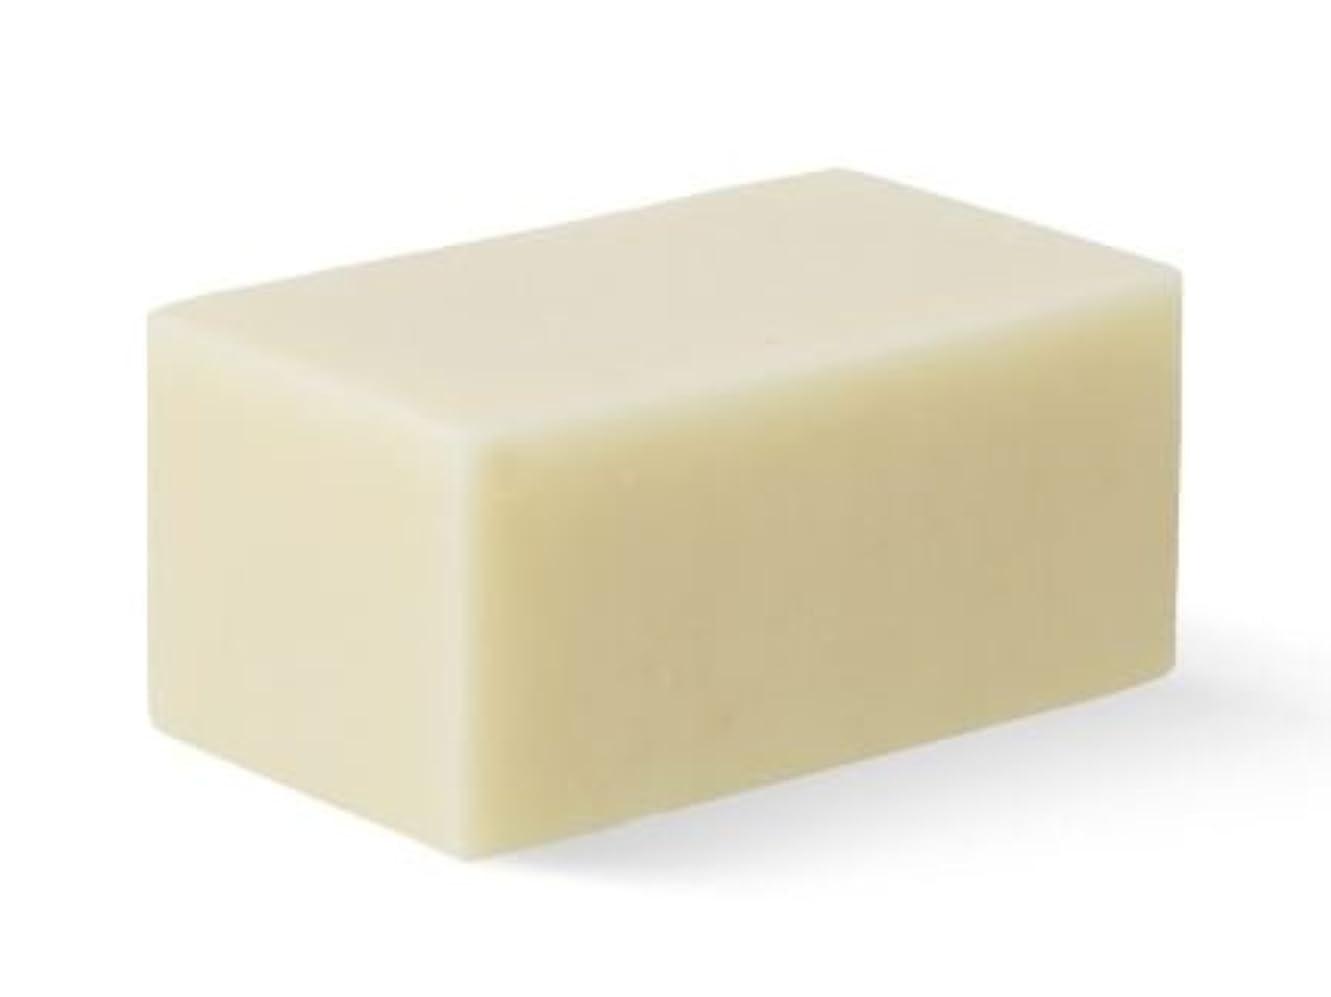 パイスキーム成長[Abib] Facial Soap ivory Brick 100g/[アビブ]フェイシャルソープ アイボリー ブリック100g [並行輸入品]